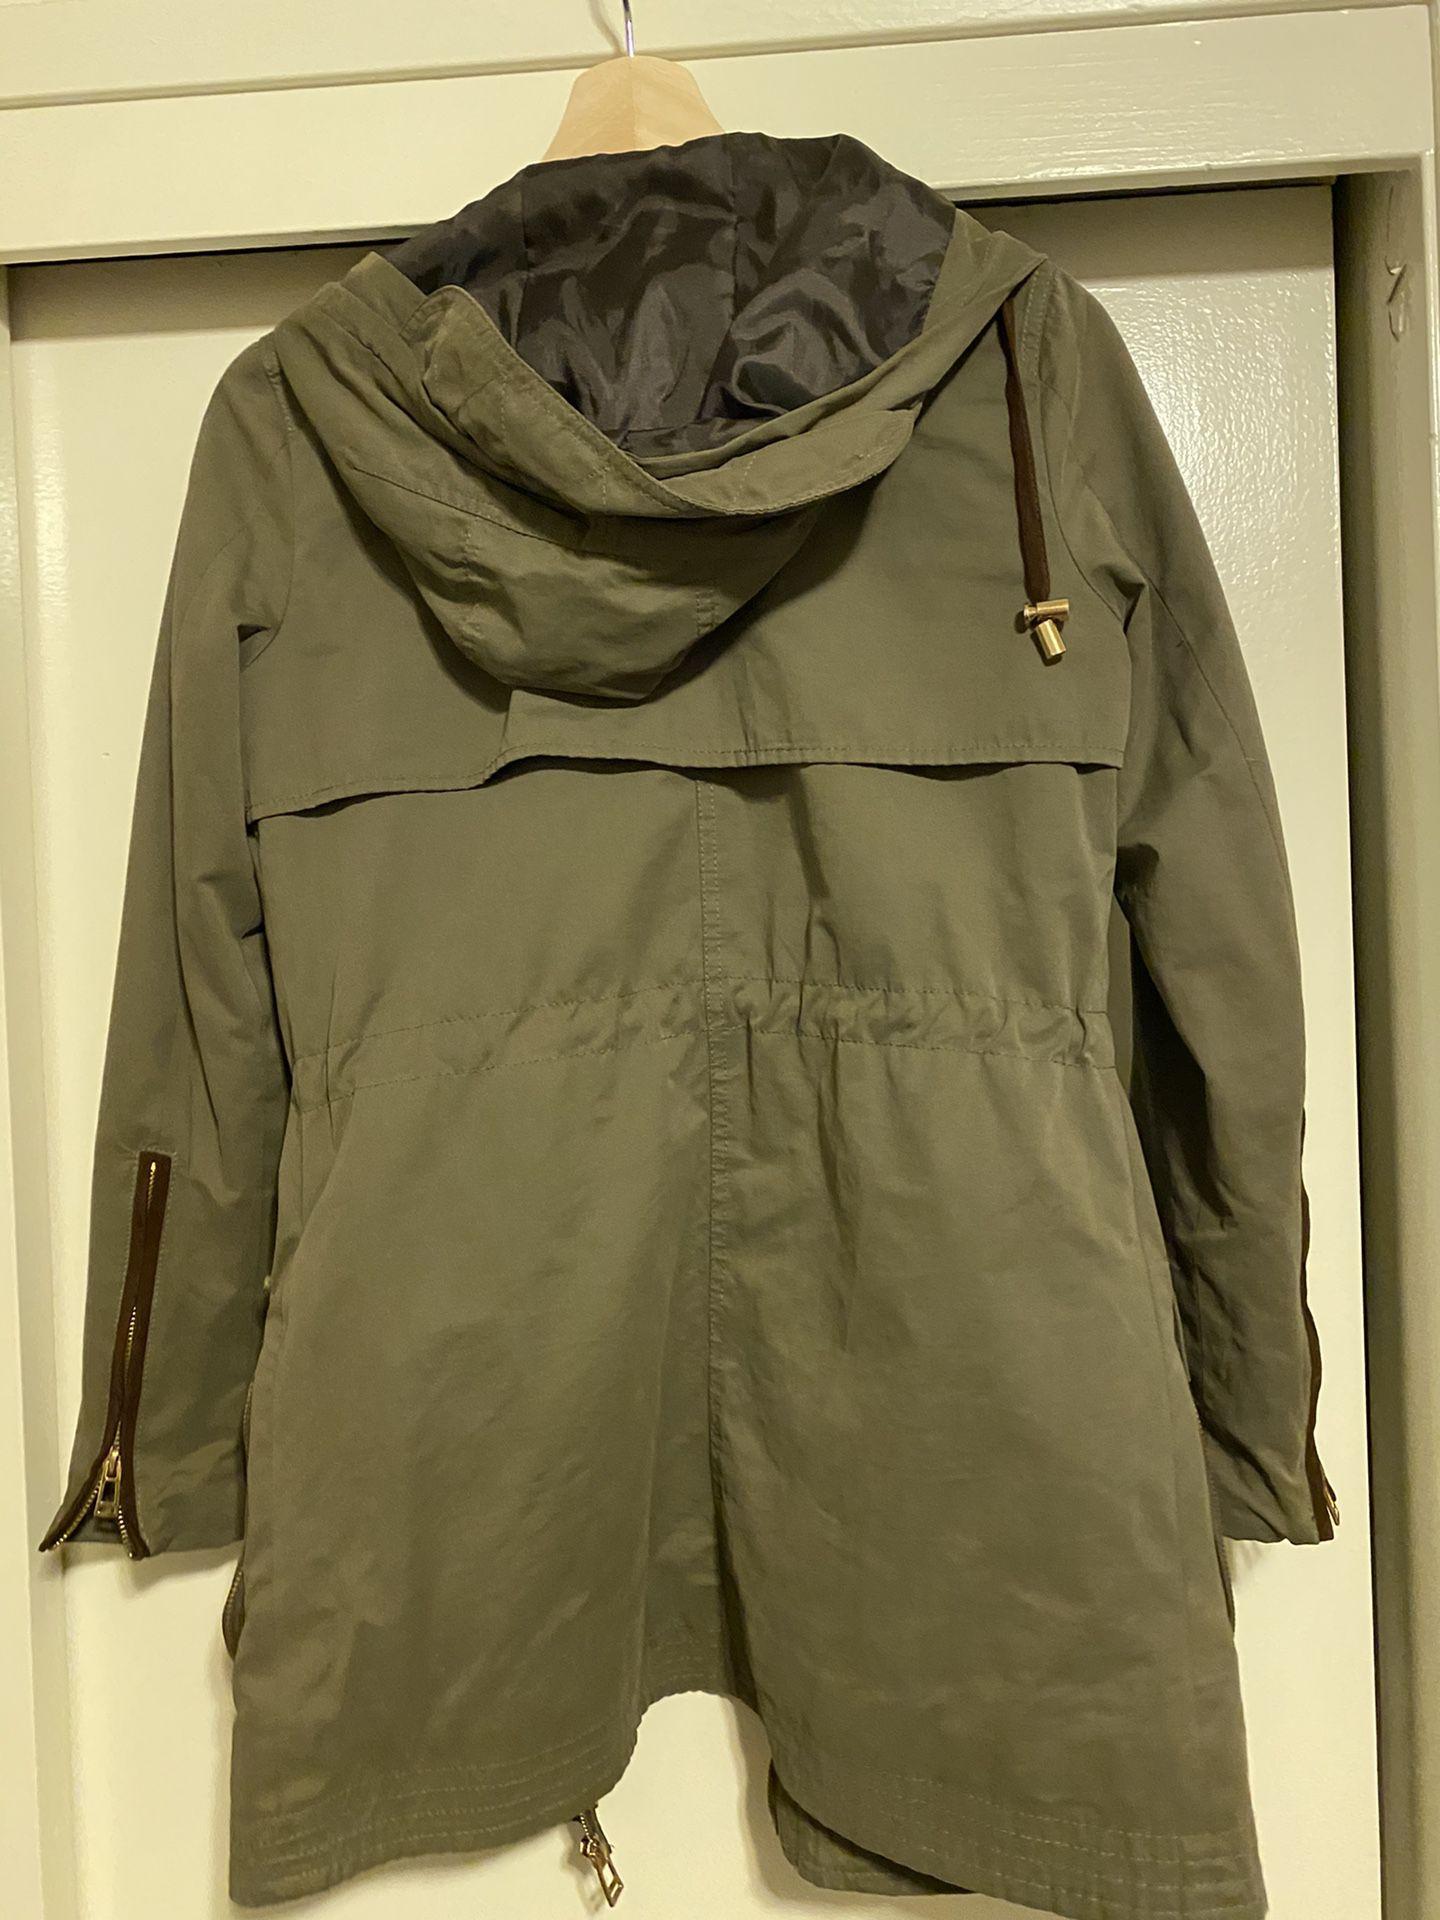 Zara jacket for women size XS